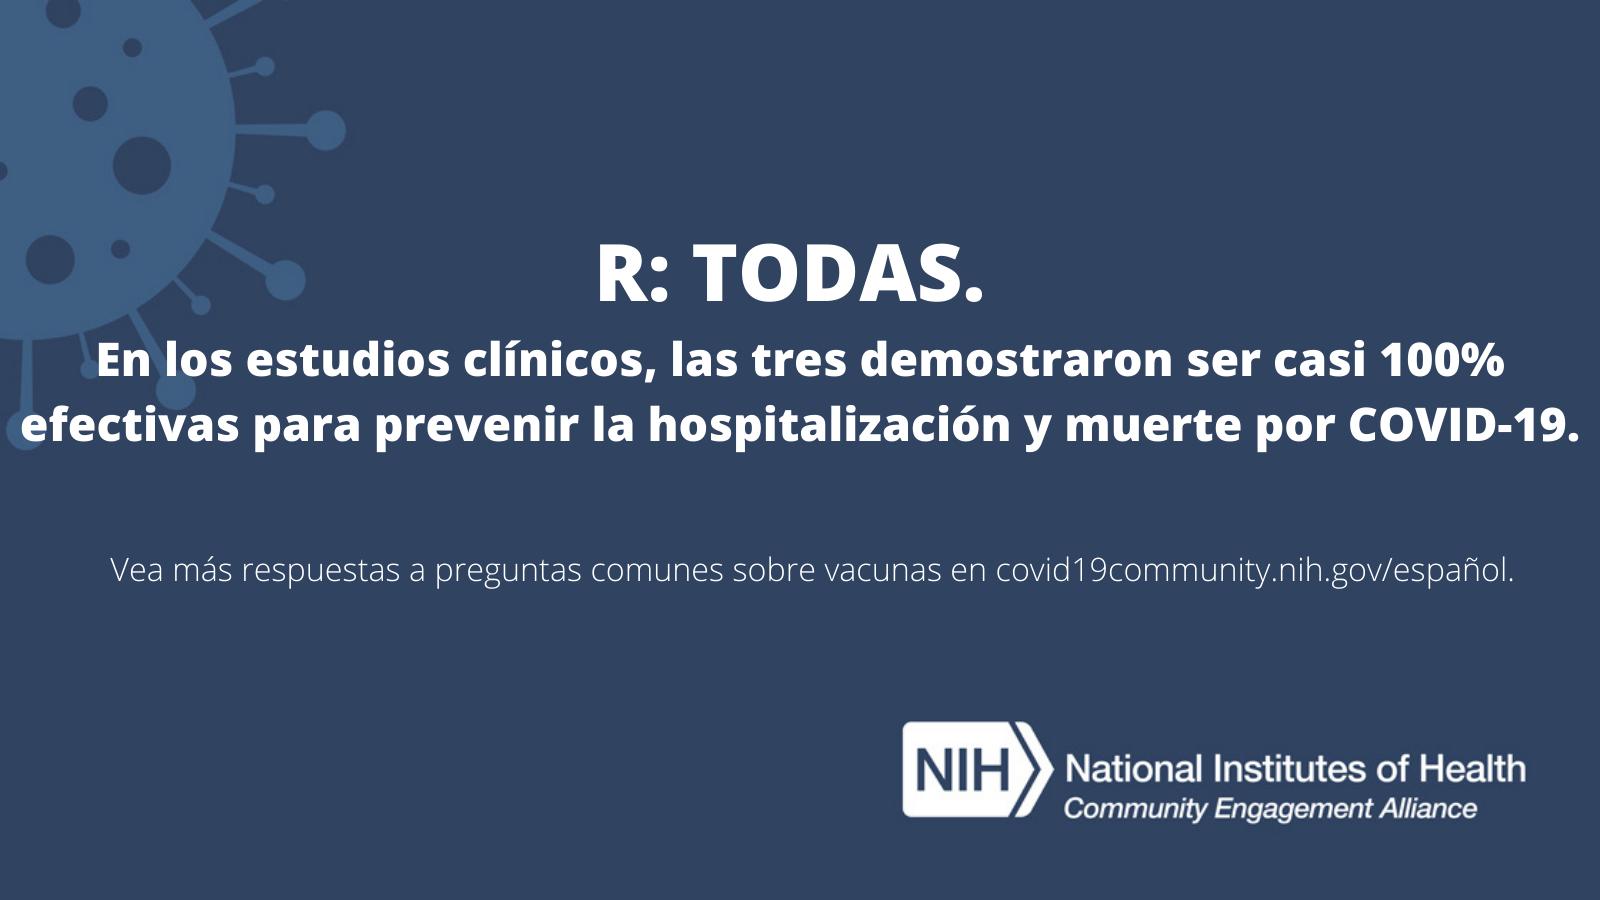 R: TODAS. En los estudios clínicos, las tres demostraron ser casi 100% efectivas para prevenir la hospitalización y muerte por COVID-19. Vea más respuestas a preguntas comunes sobre vacunas en covid19community.nih.gov/español.